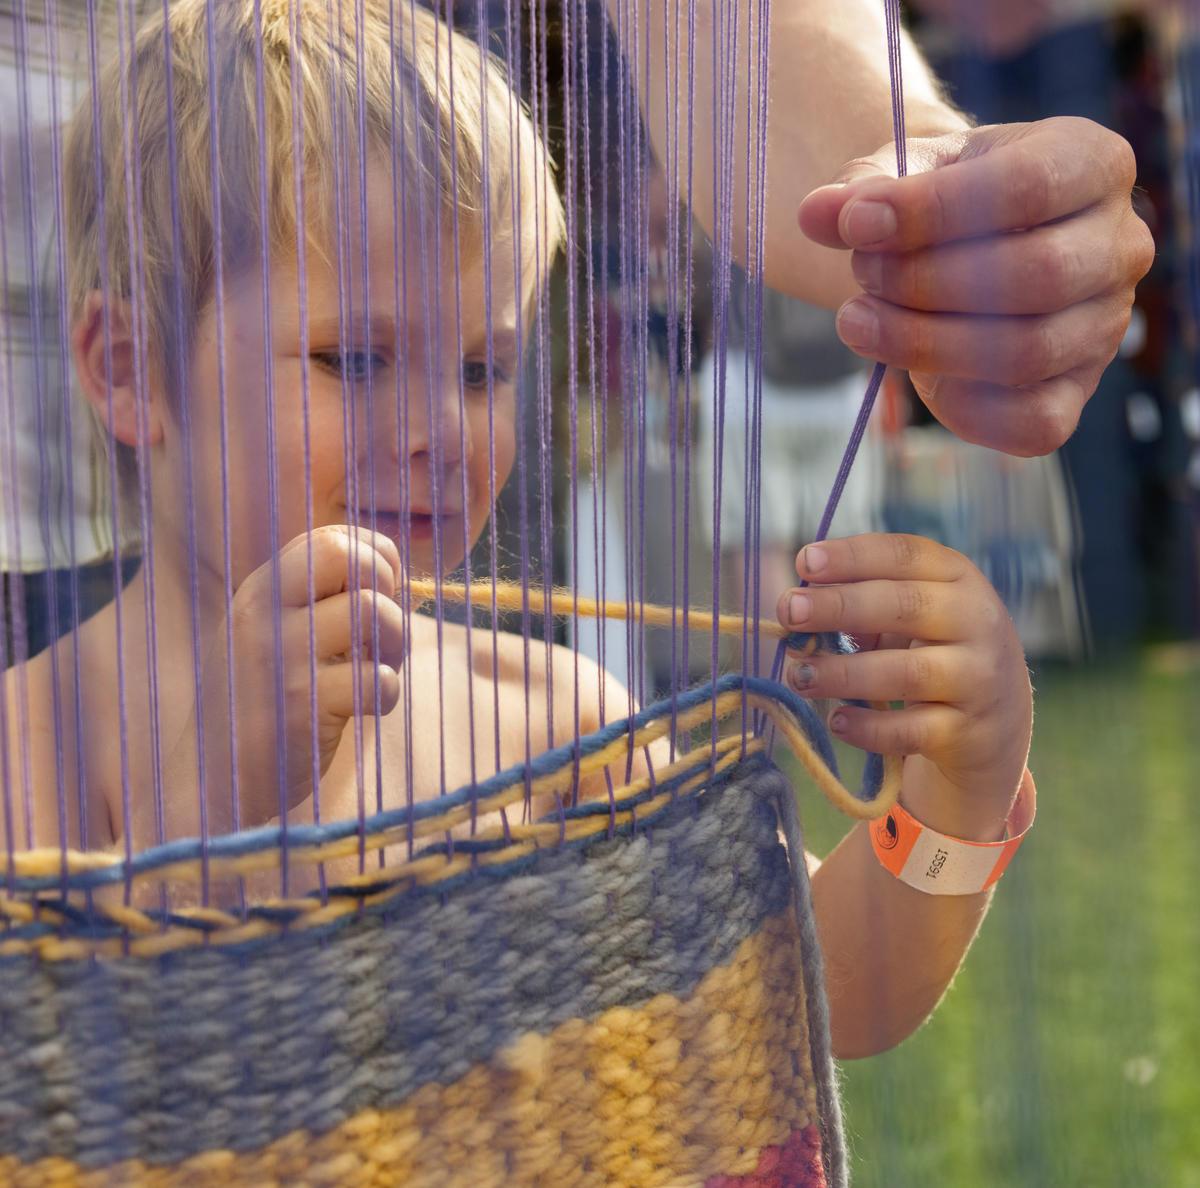 Liten gutt ved vev, fra Håndverkstorget under De nordiske jakt- og fiskedager 2014.